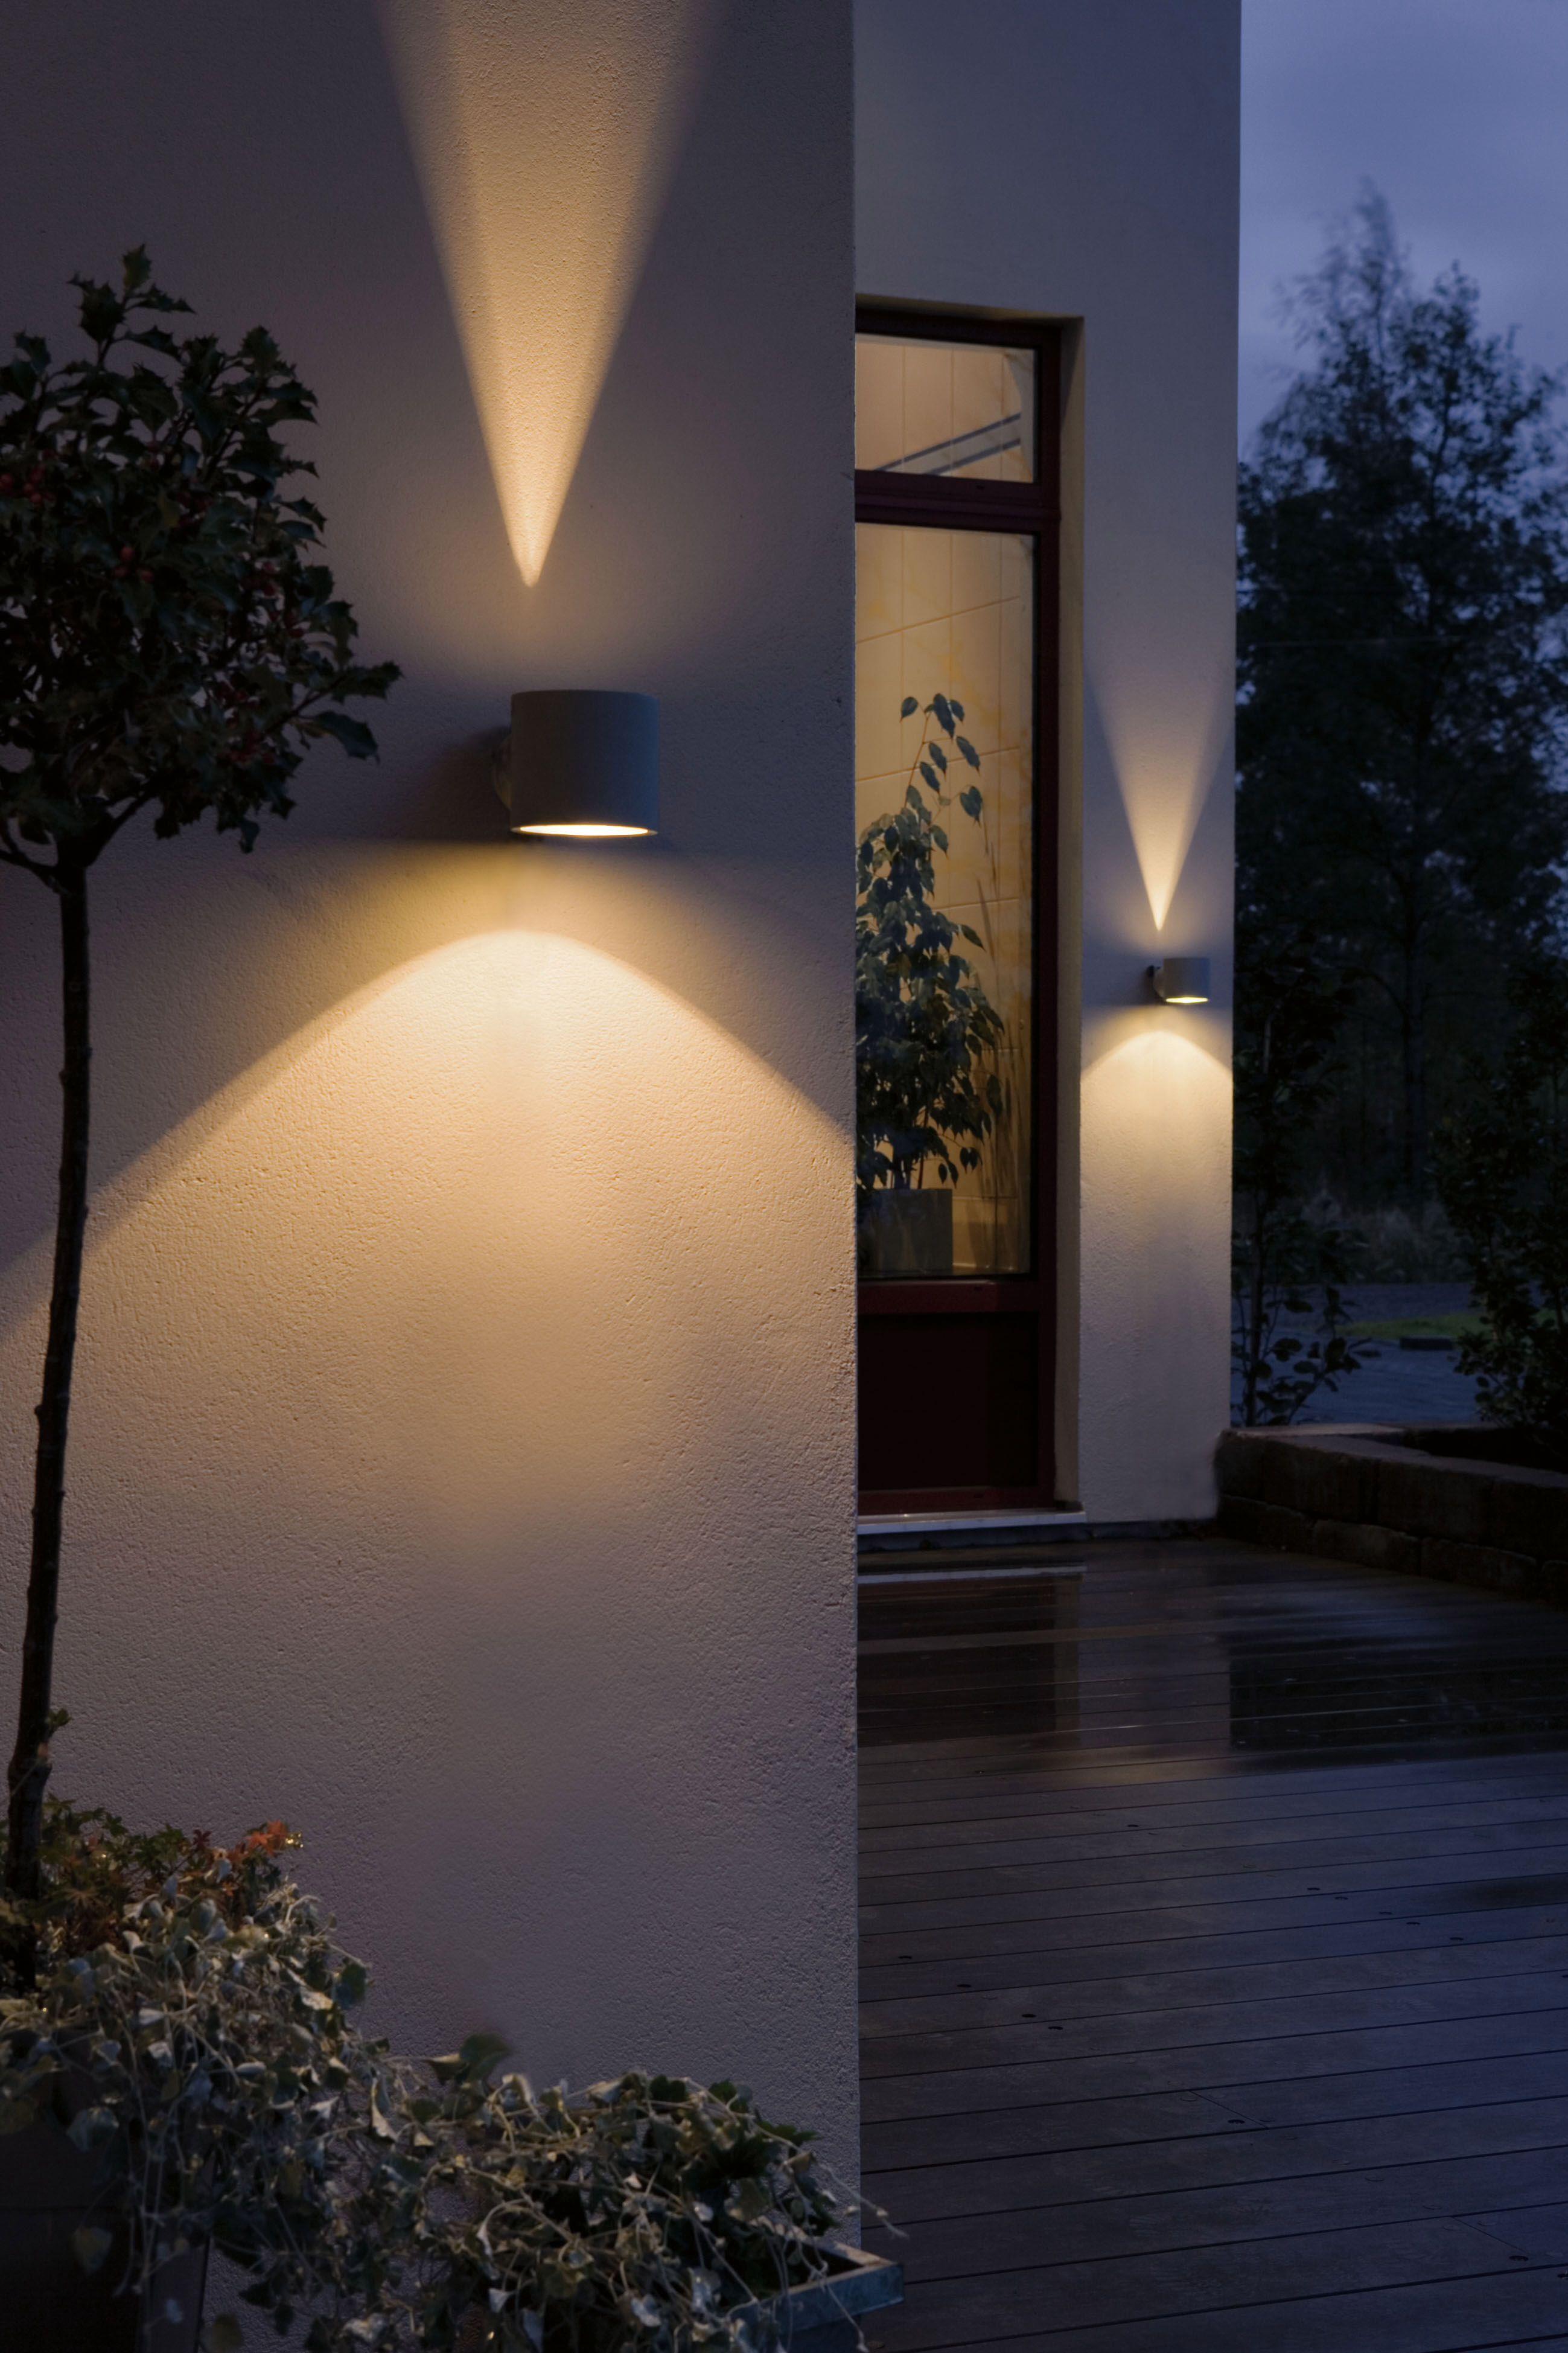 30 Diy Lighting Ideas At Night Yard Landscape With Outdoor Lights Beleuchtungsideen Outdoor Wandleuchten Beleuchtung